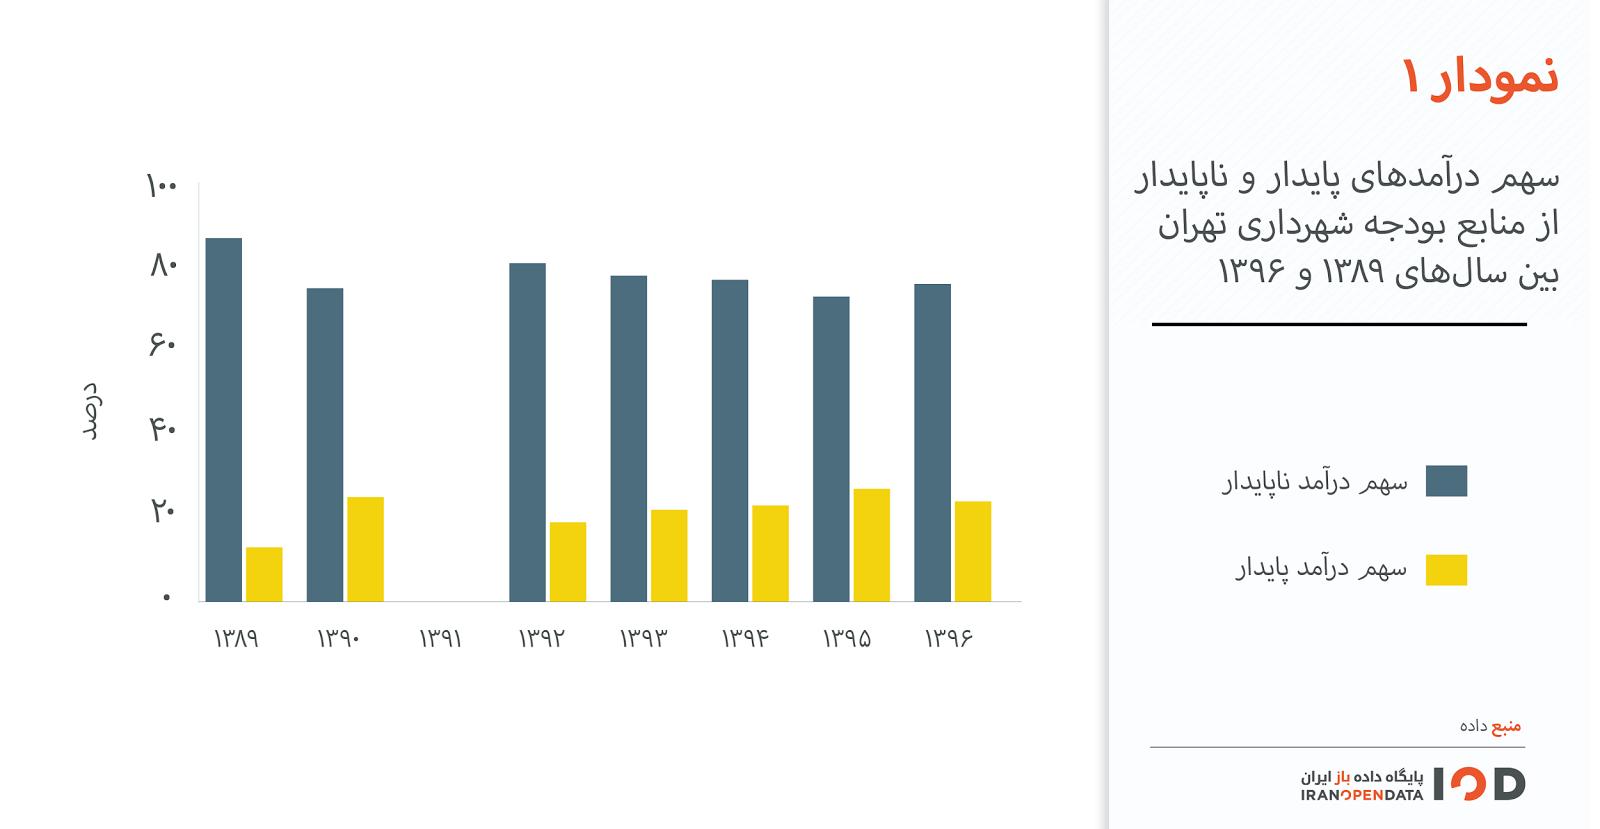 بودجه شهرداری، منشا مشکلات مهم تهران است